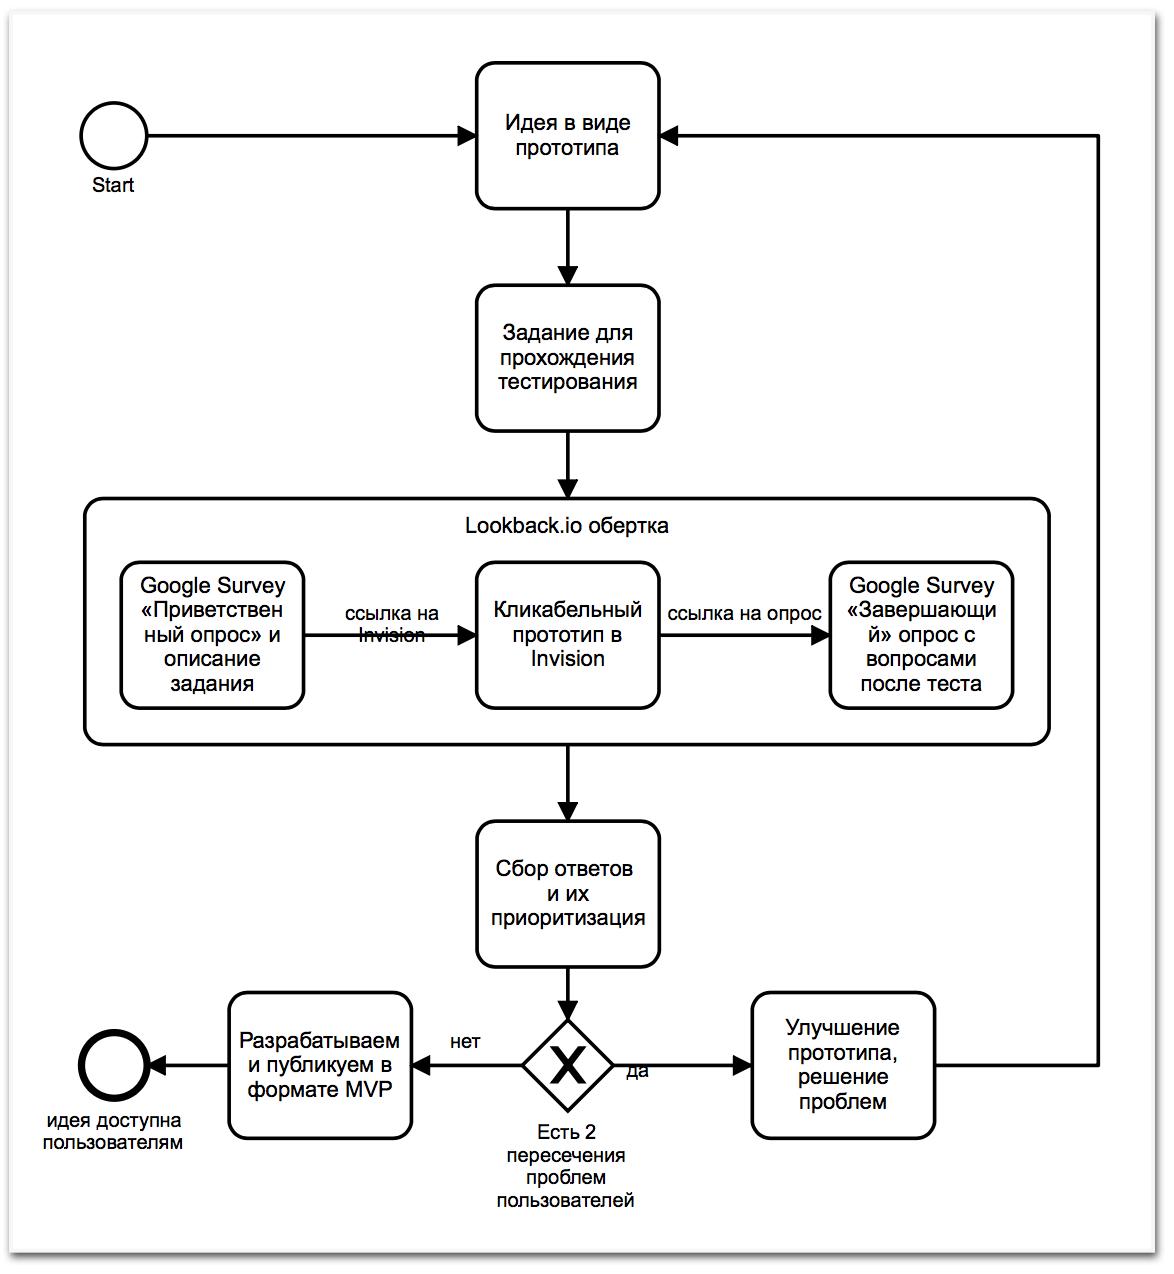 BPMN диаграмма процесса сбора обратной связи от реальных пользователей